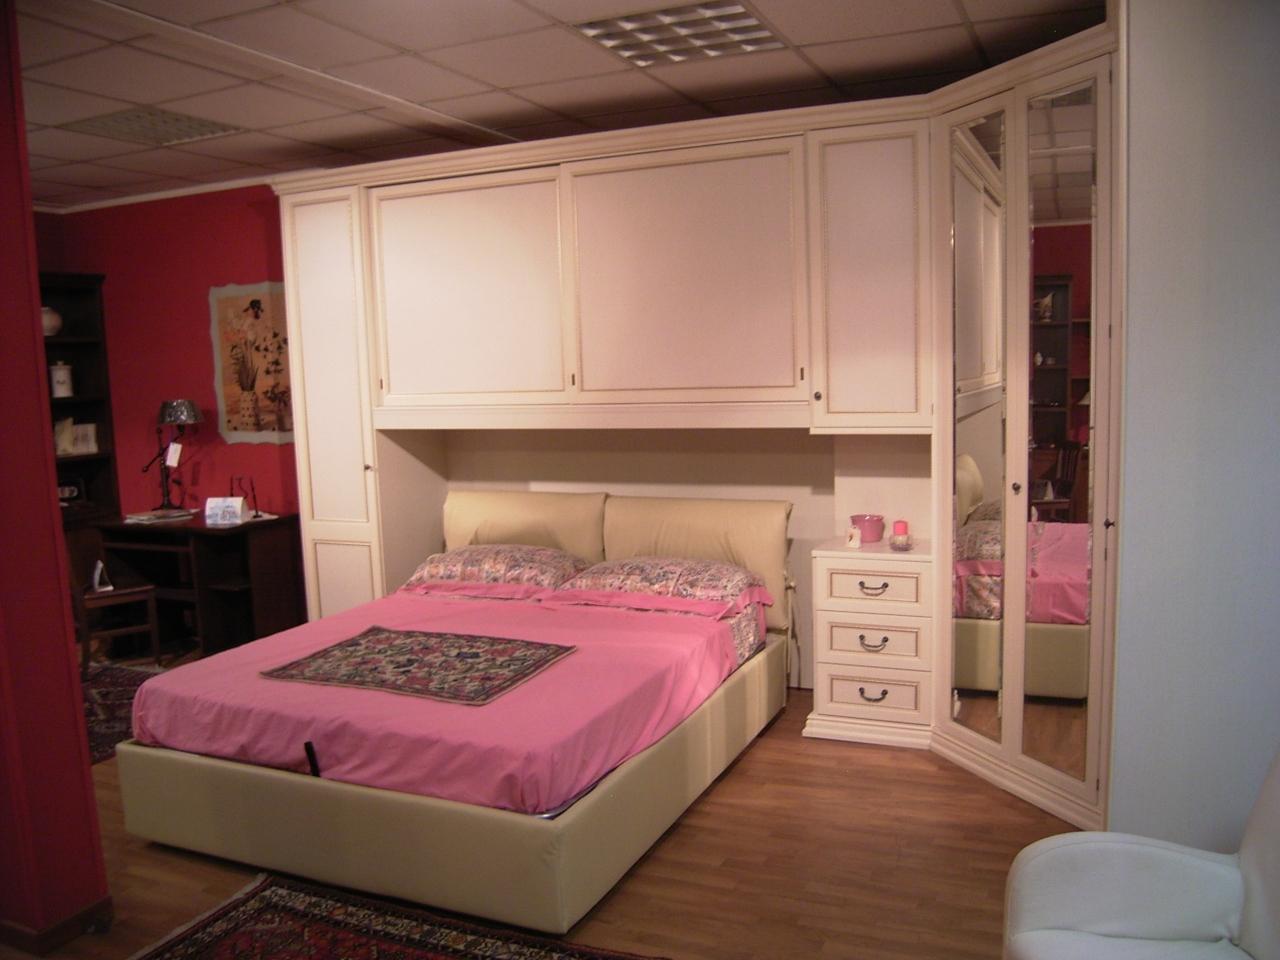 Armadio color avorio stunning armadio laccato avorio for Planimetrie della cabina 4 camere da letto